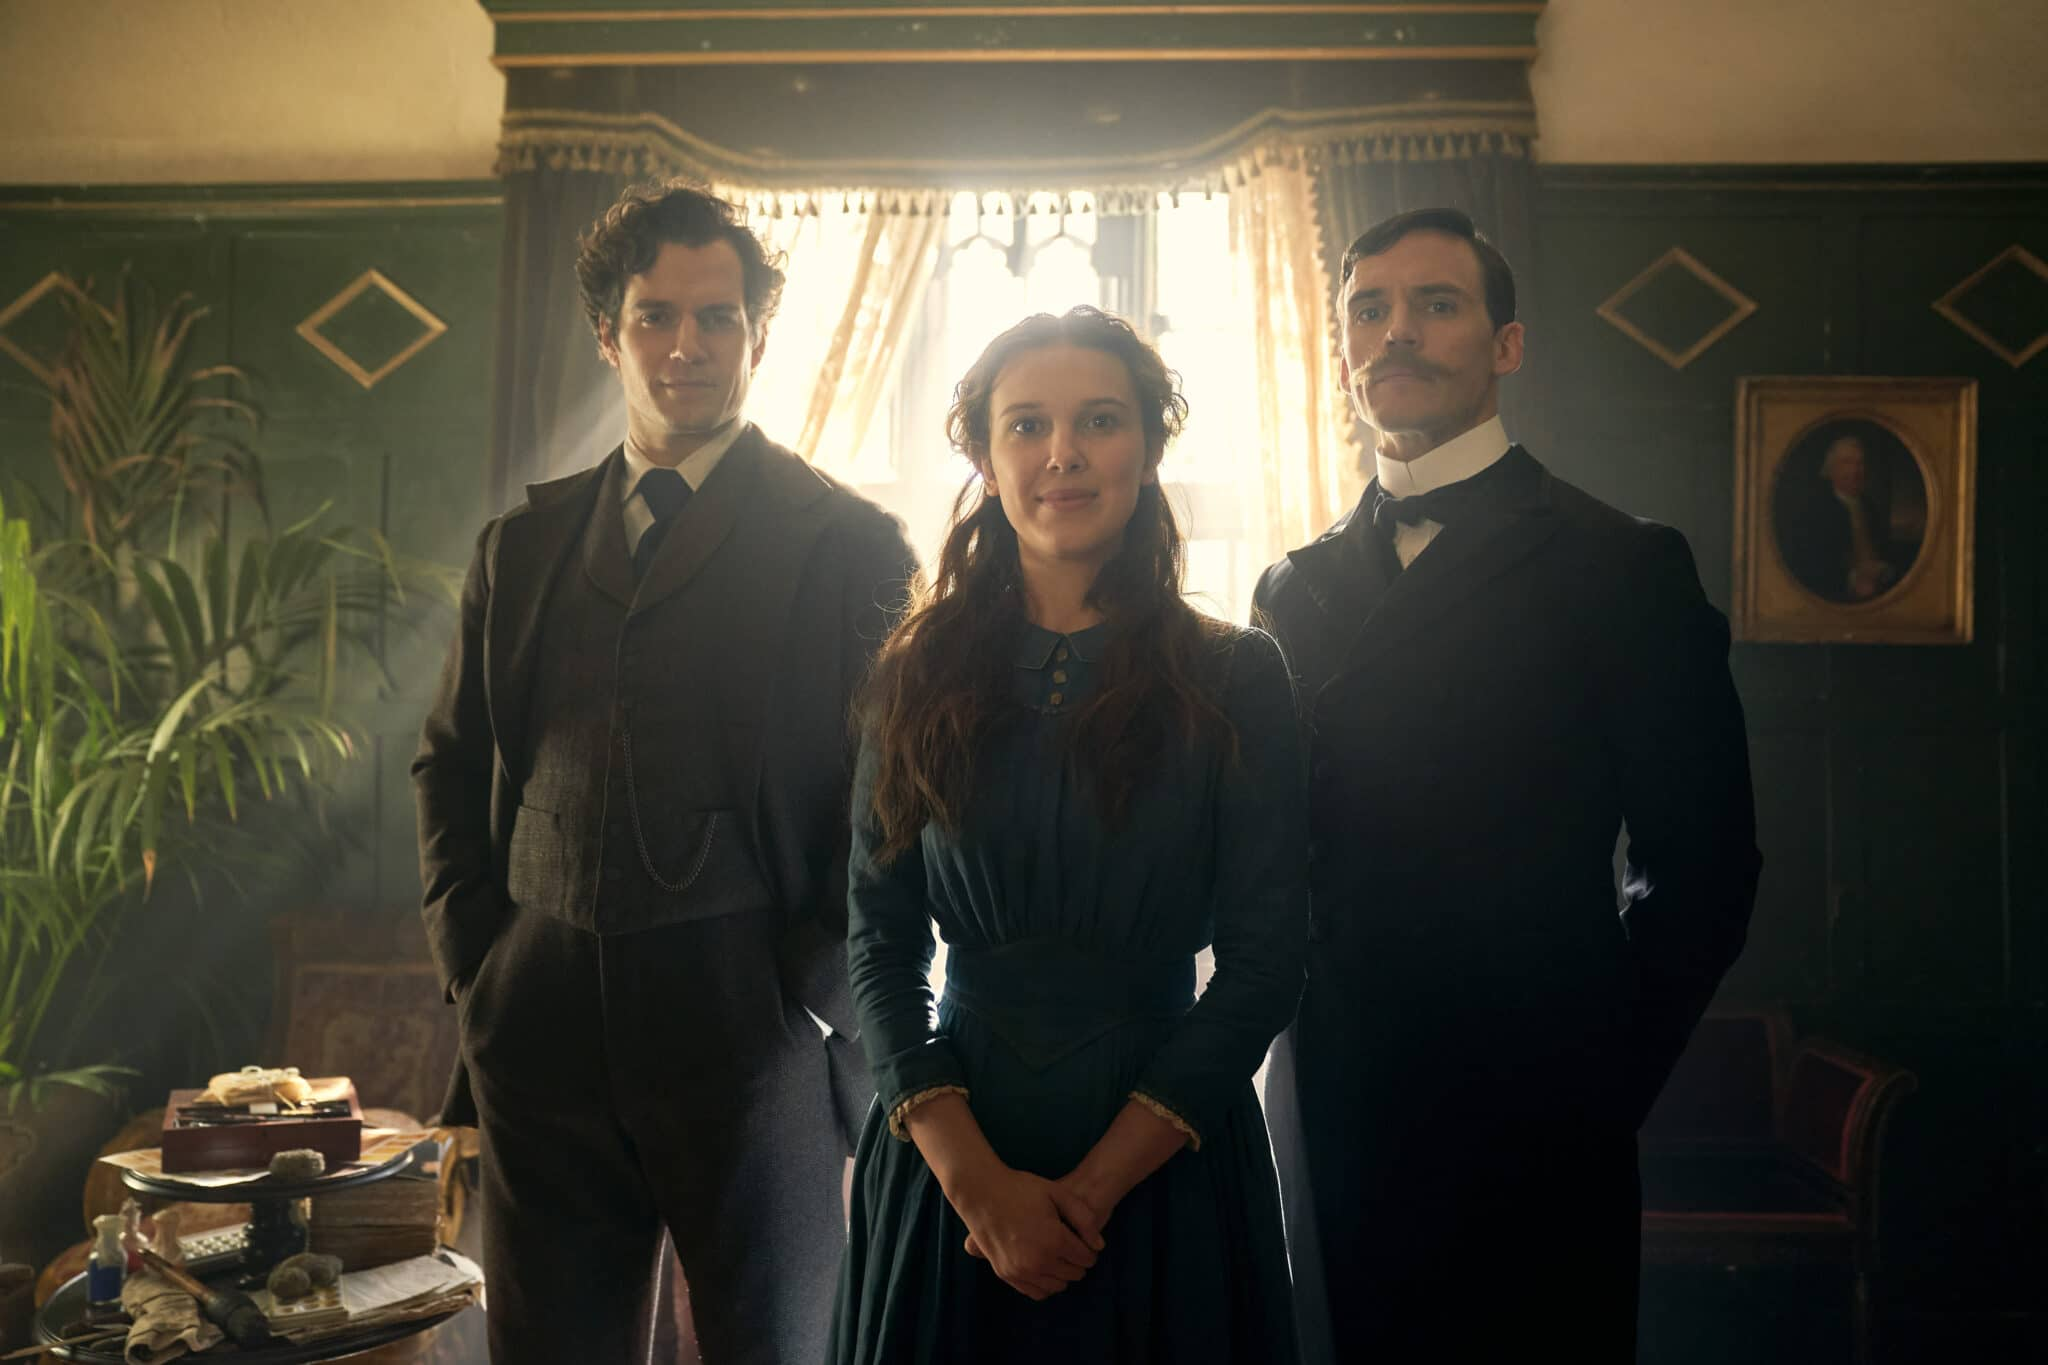 Enola steht auf einem Familienfoto lächelnd zwischen Sherlock und Mycroft in einem geräumigen, alten Zimmer, im Hintergrund scheint Licht durchs Fenster, an der Seite steht eine Pflanze und ein Tisch mit diversem Zeug drauf